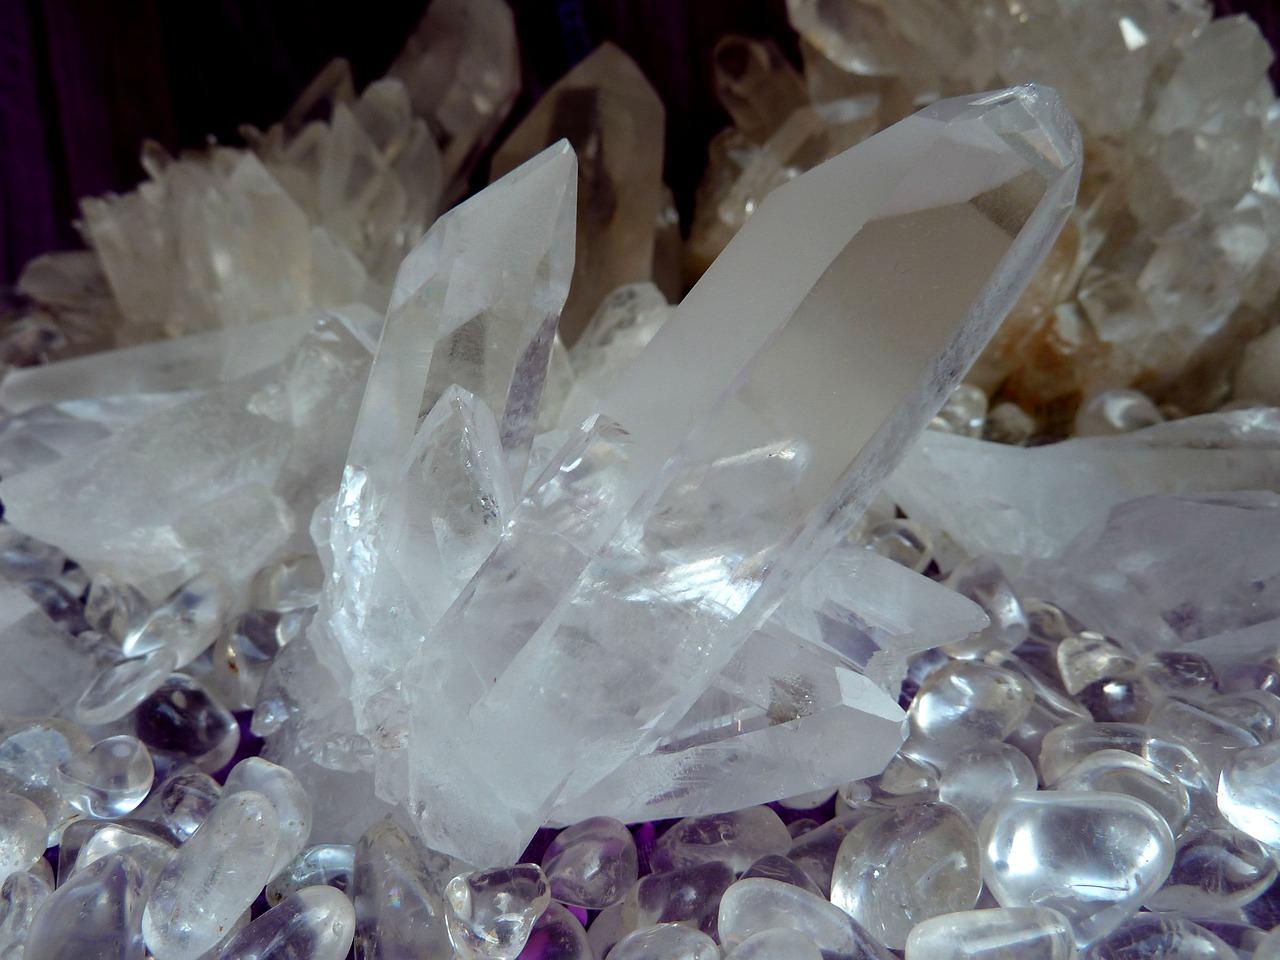 hegyikristaly-gyogyitoko-varazs-nagyszaffinaeletmuvei